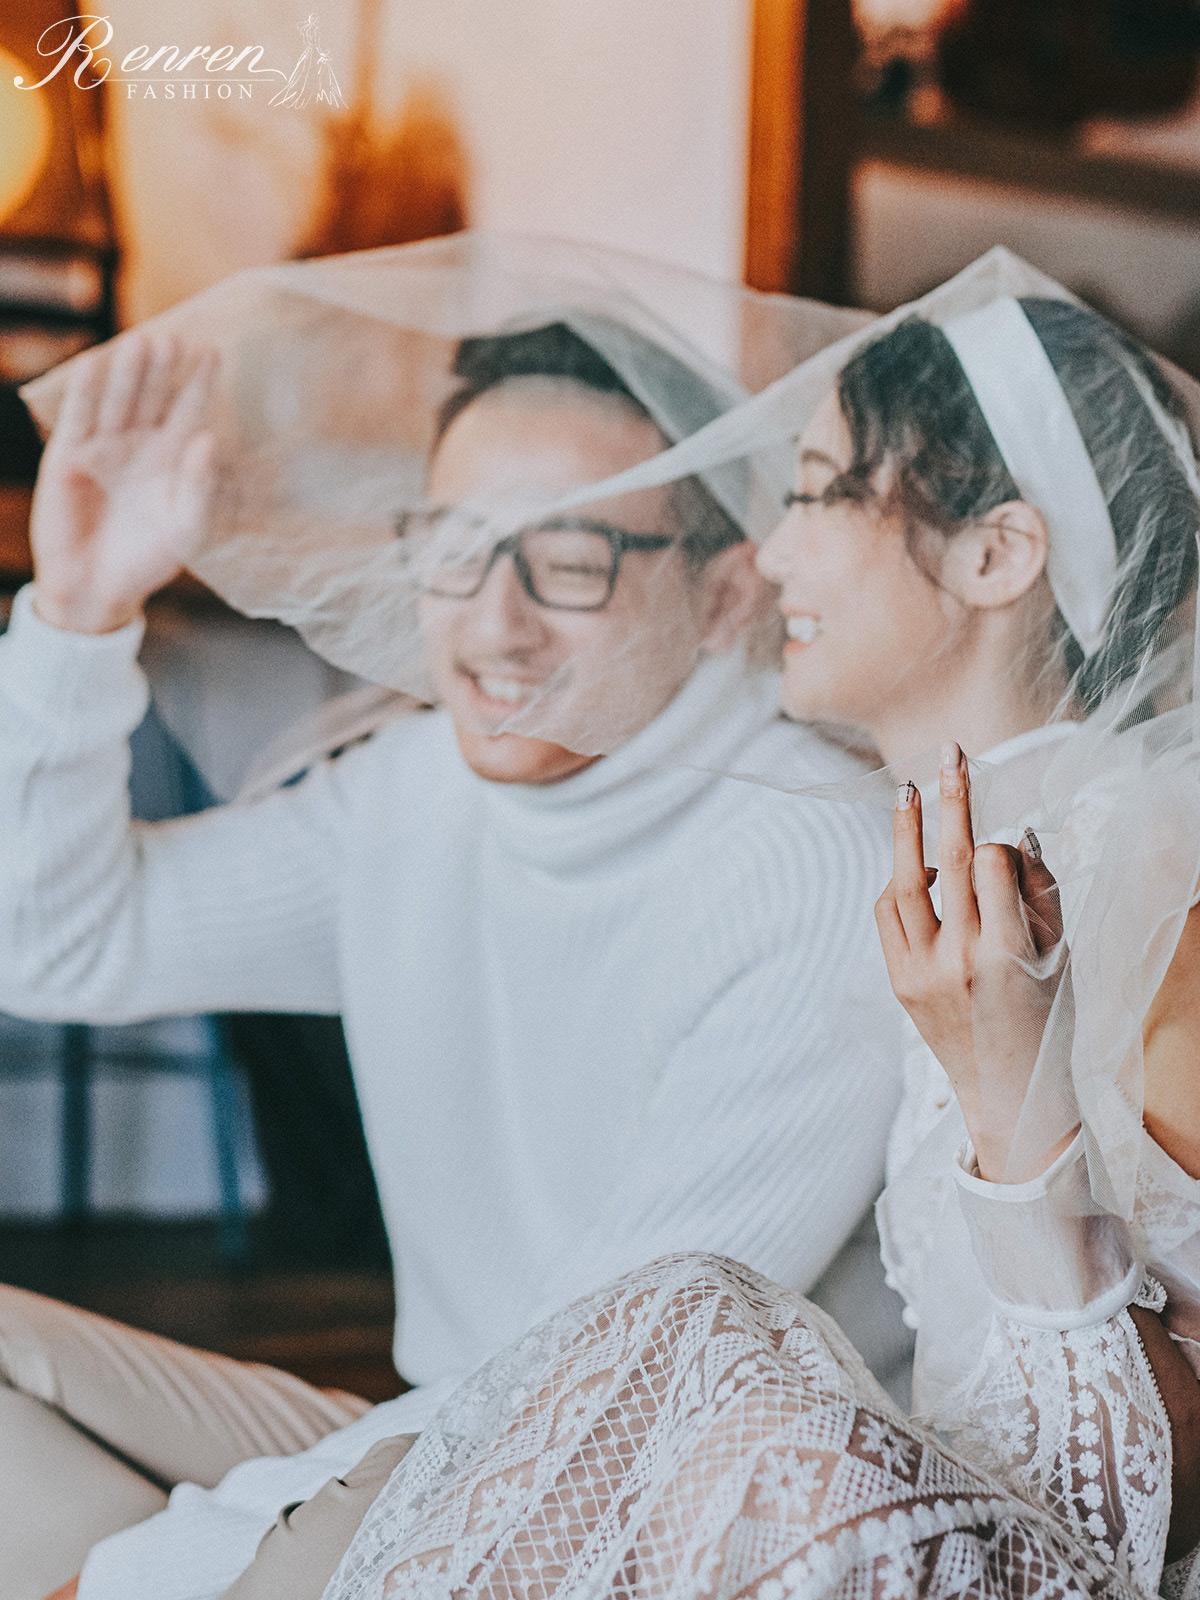 慕朵-魏沐-紀實婚紗-台中日式建築-戶方-老屋-冉冉婚紗-11